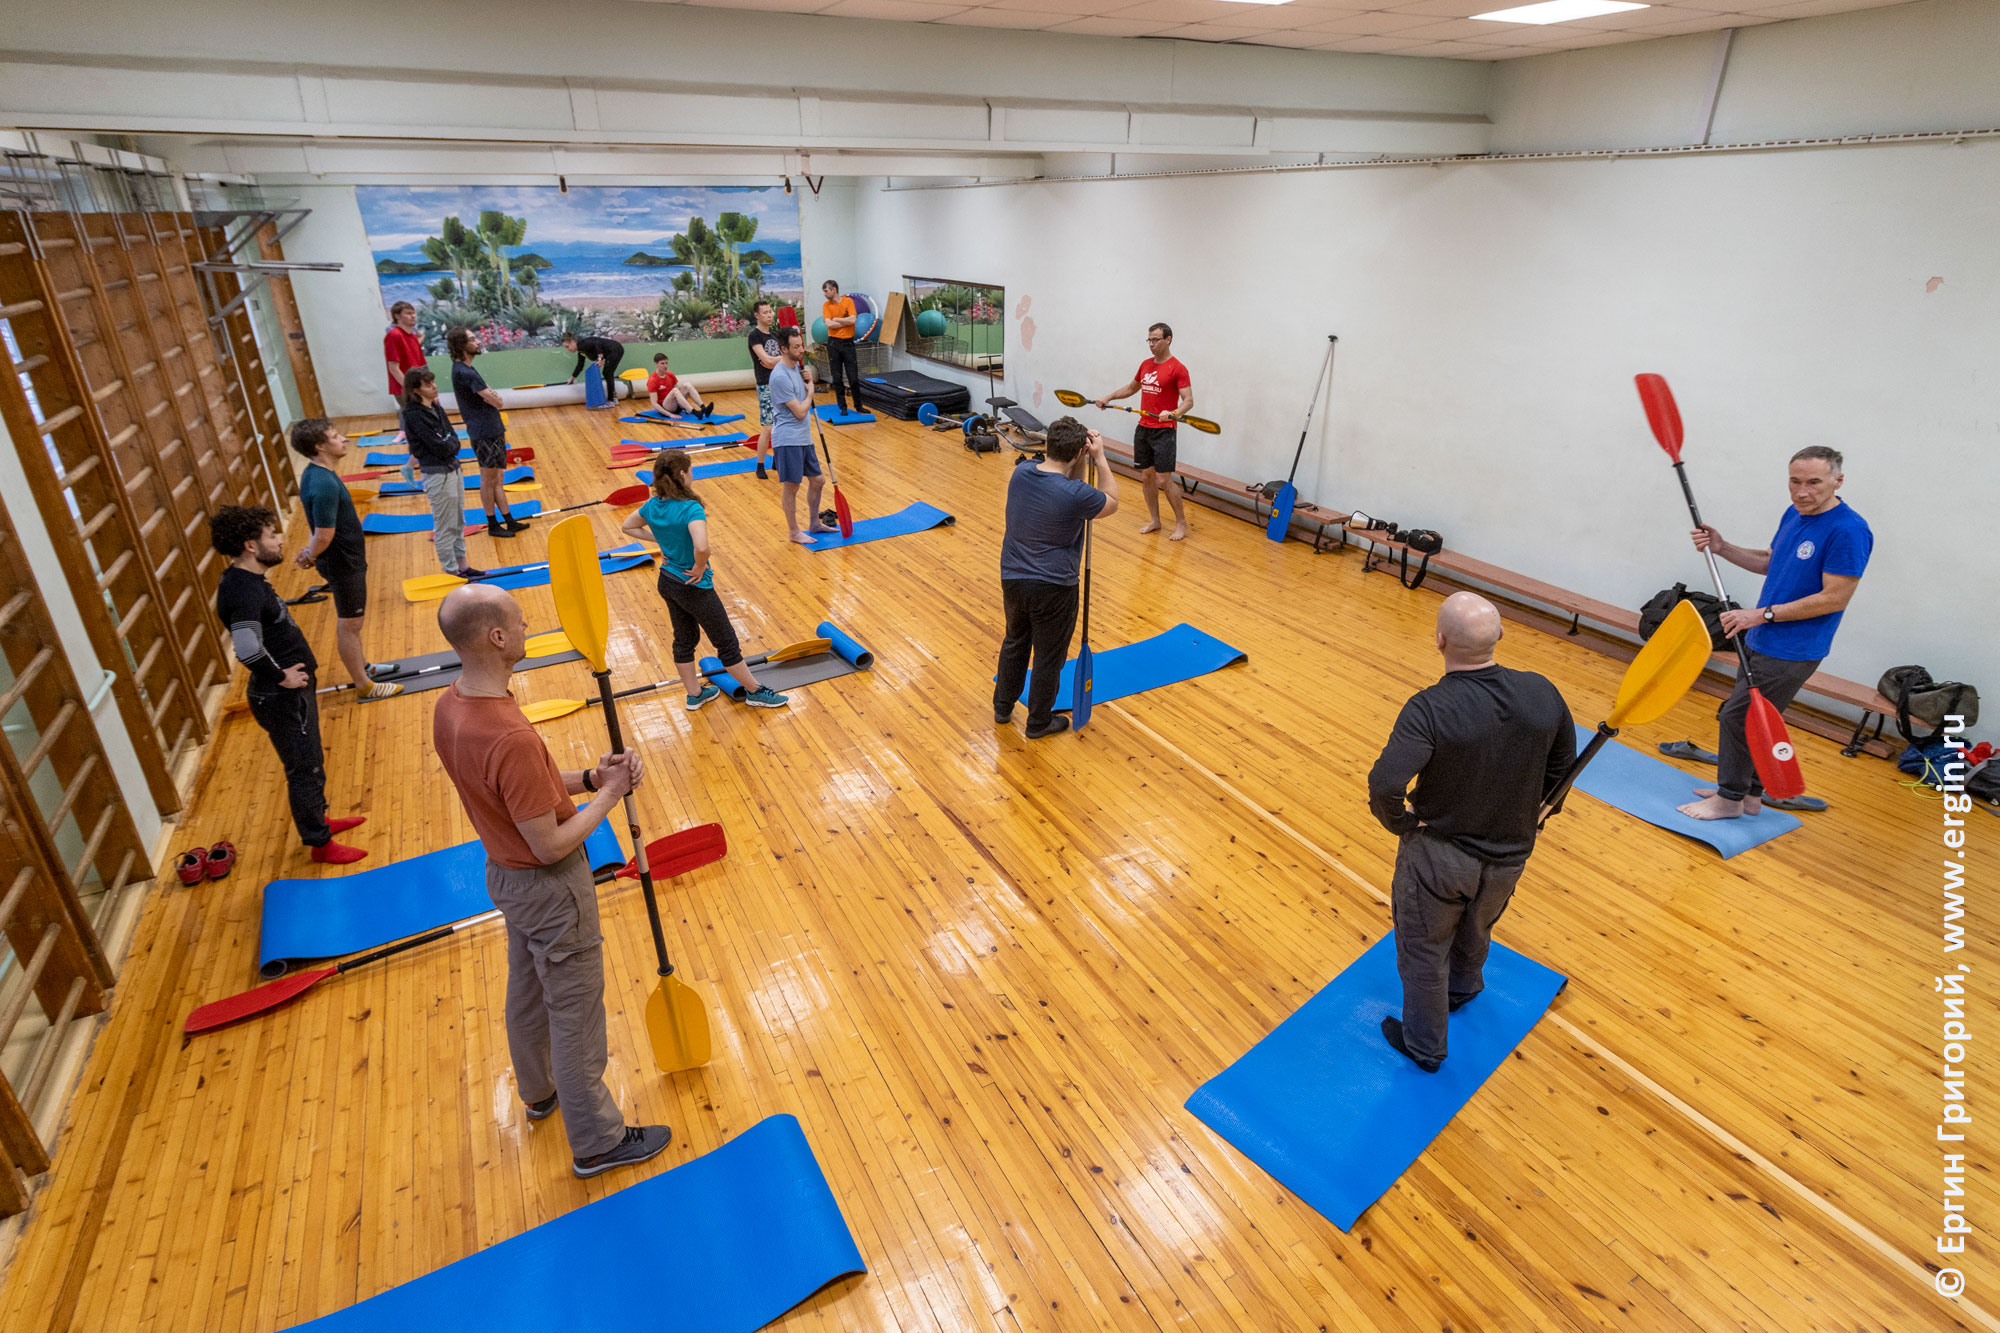 Упражнения для изучения эскимосского переворота в зале